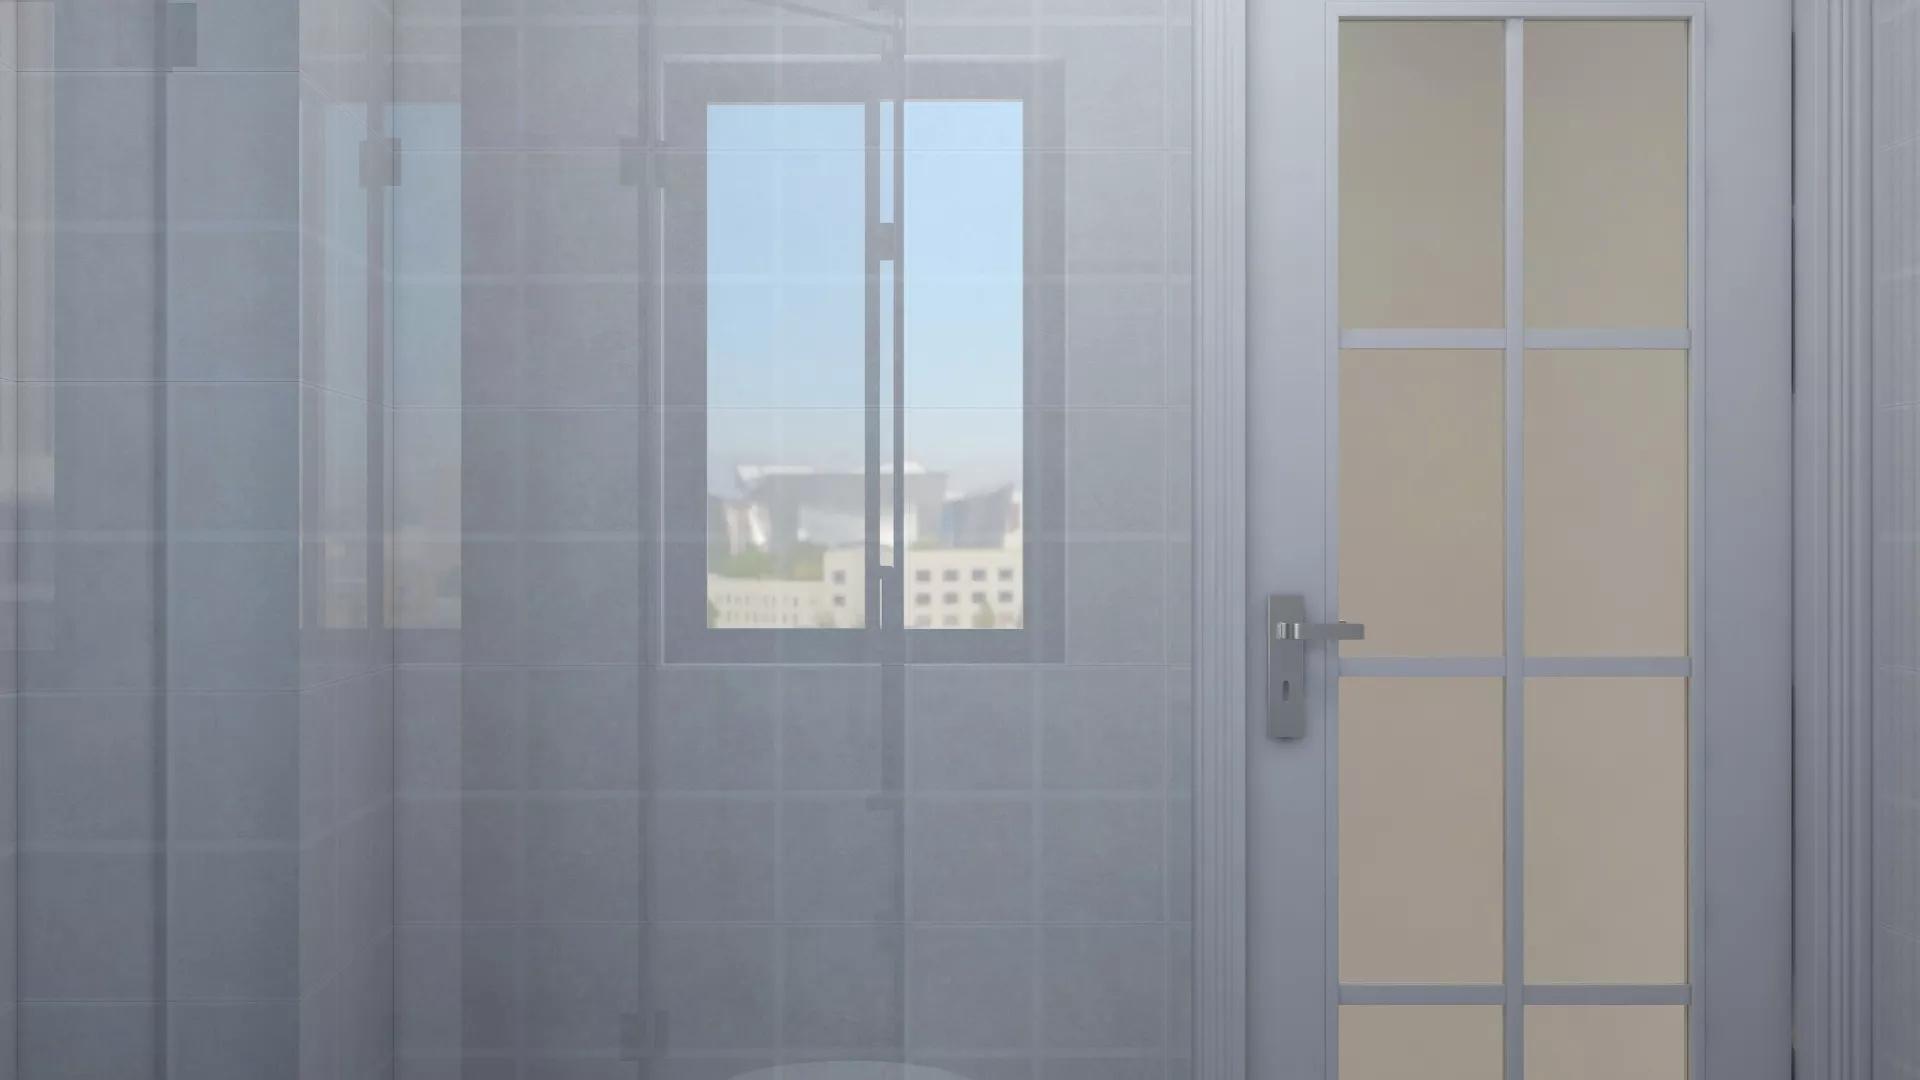 厨房卫生间装修要点 厨房卫生间装修注意的细节